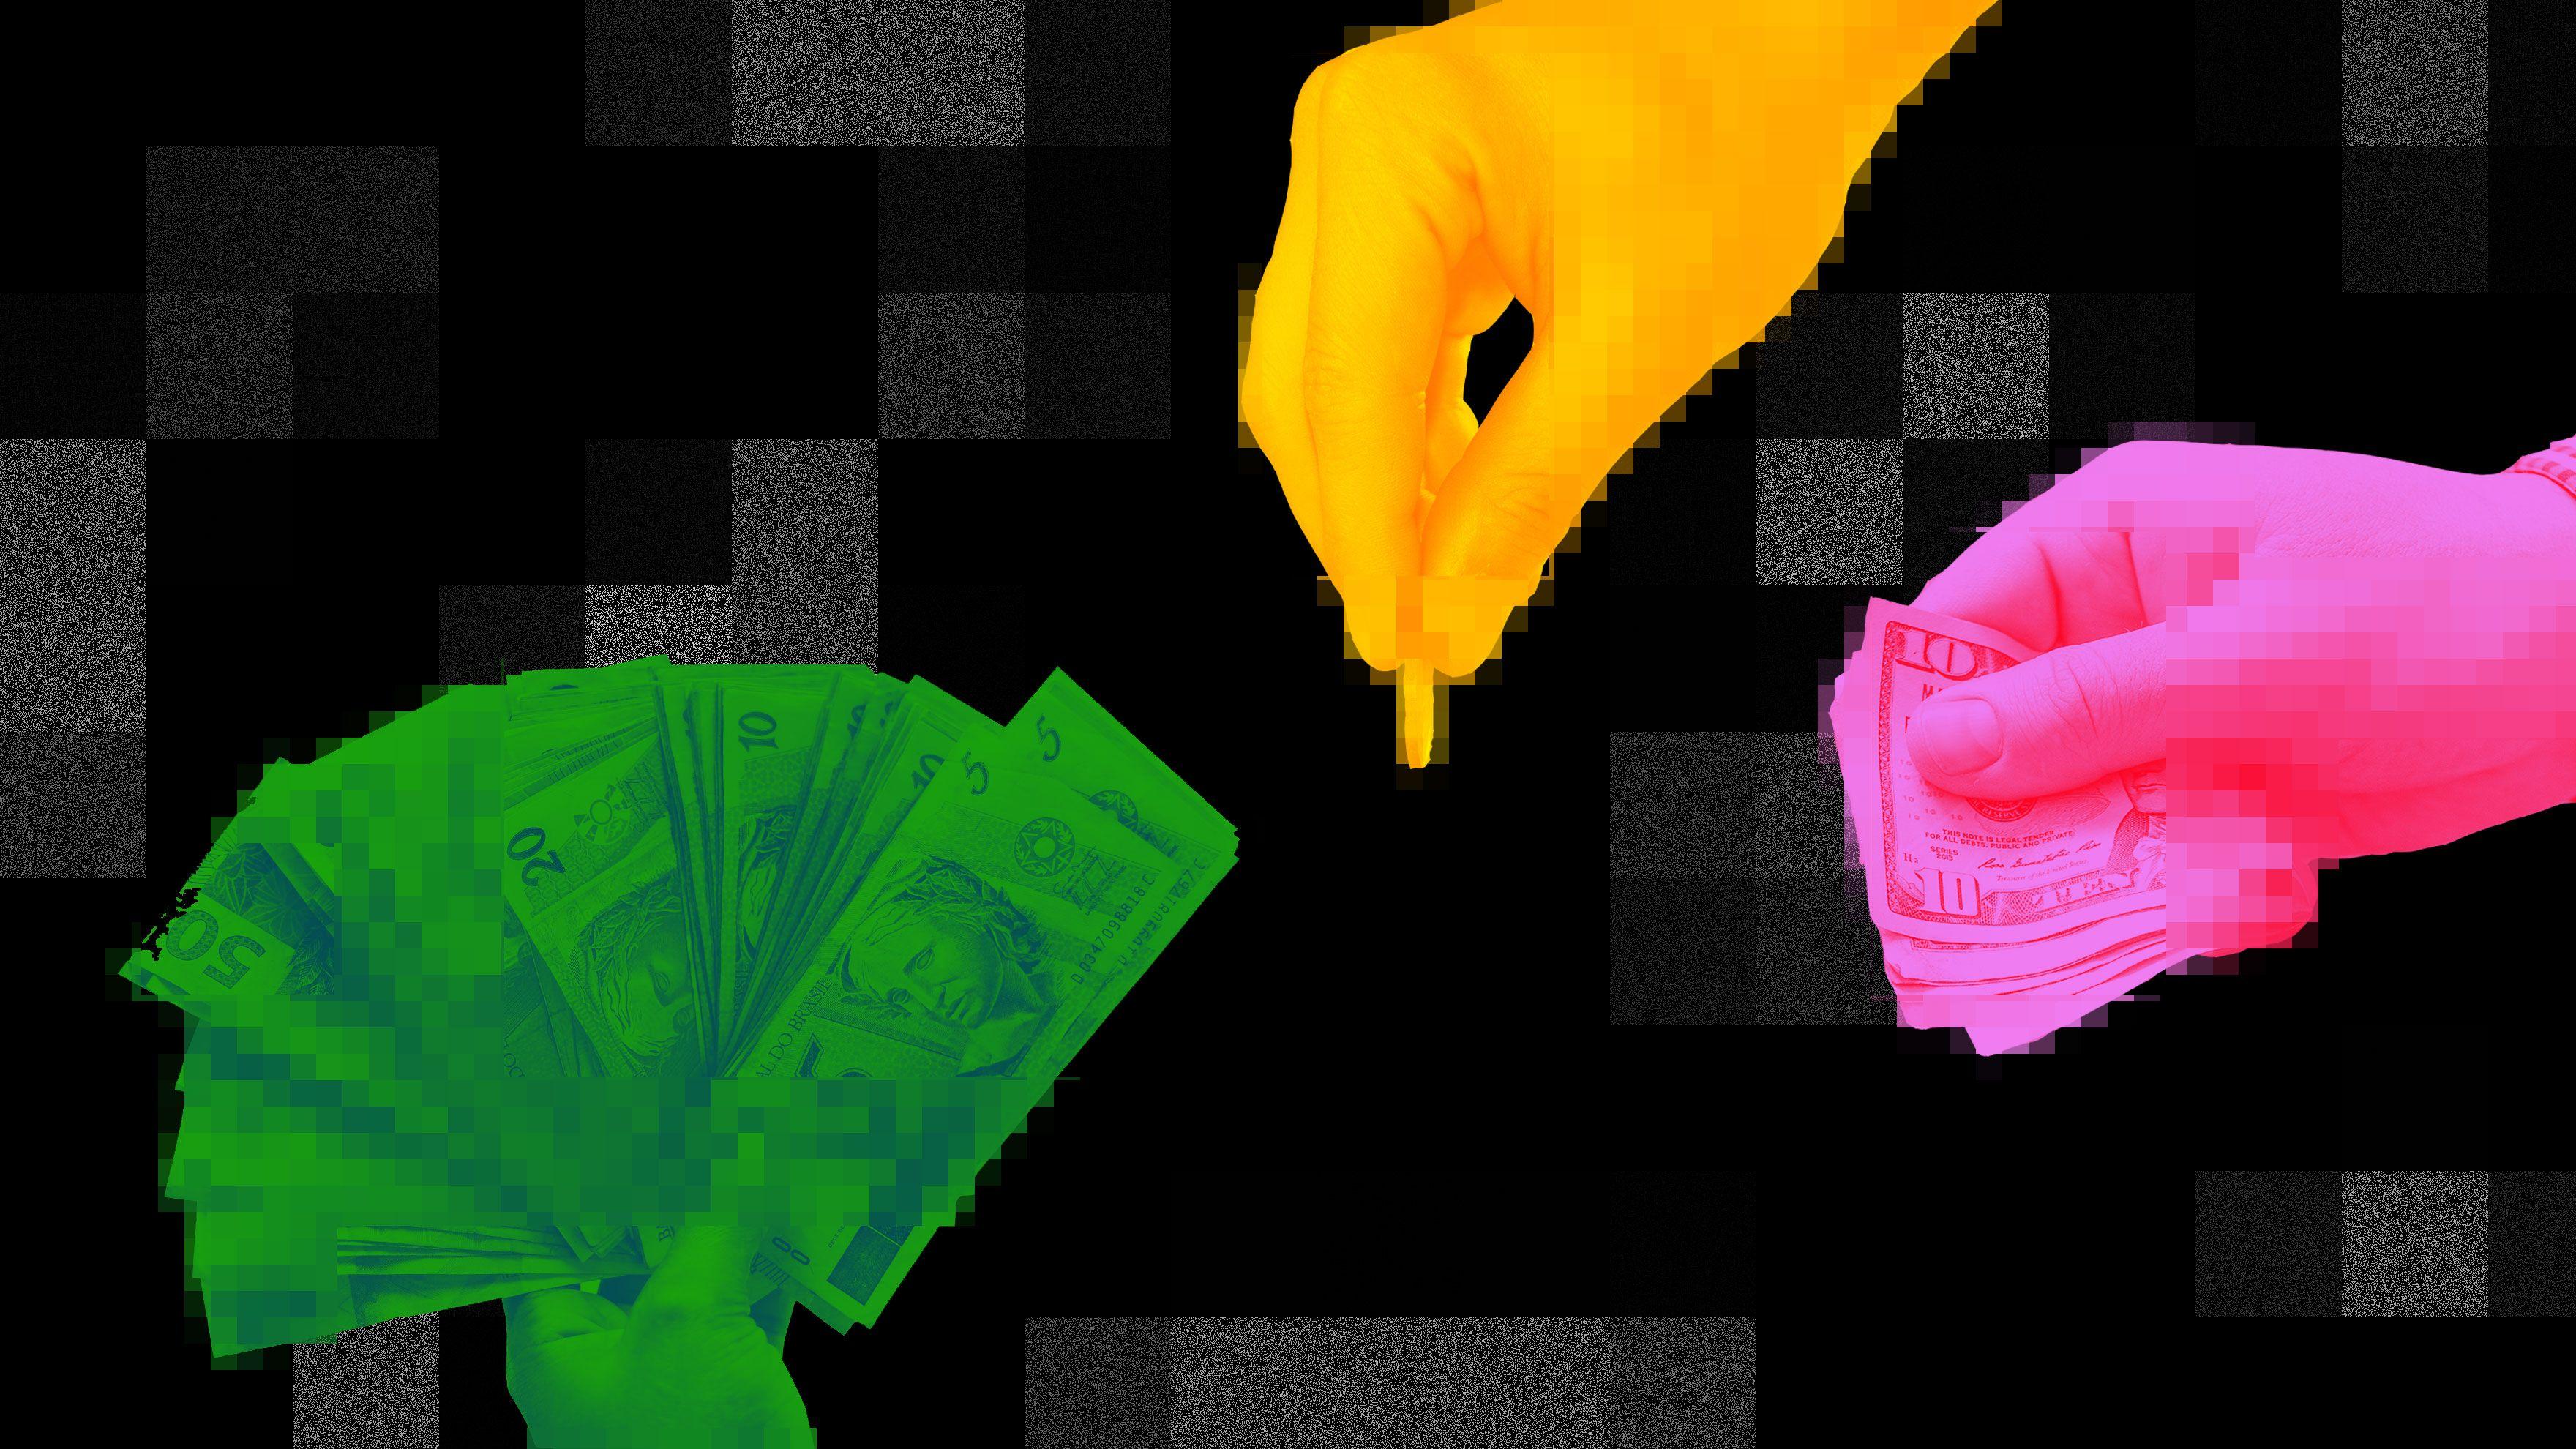 暗号通貨「大暴落」でもVCがブロックチェーンに投資し続ける理由